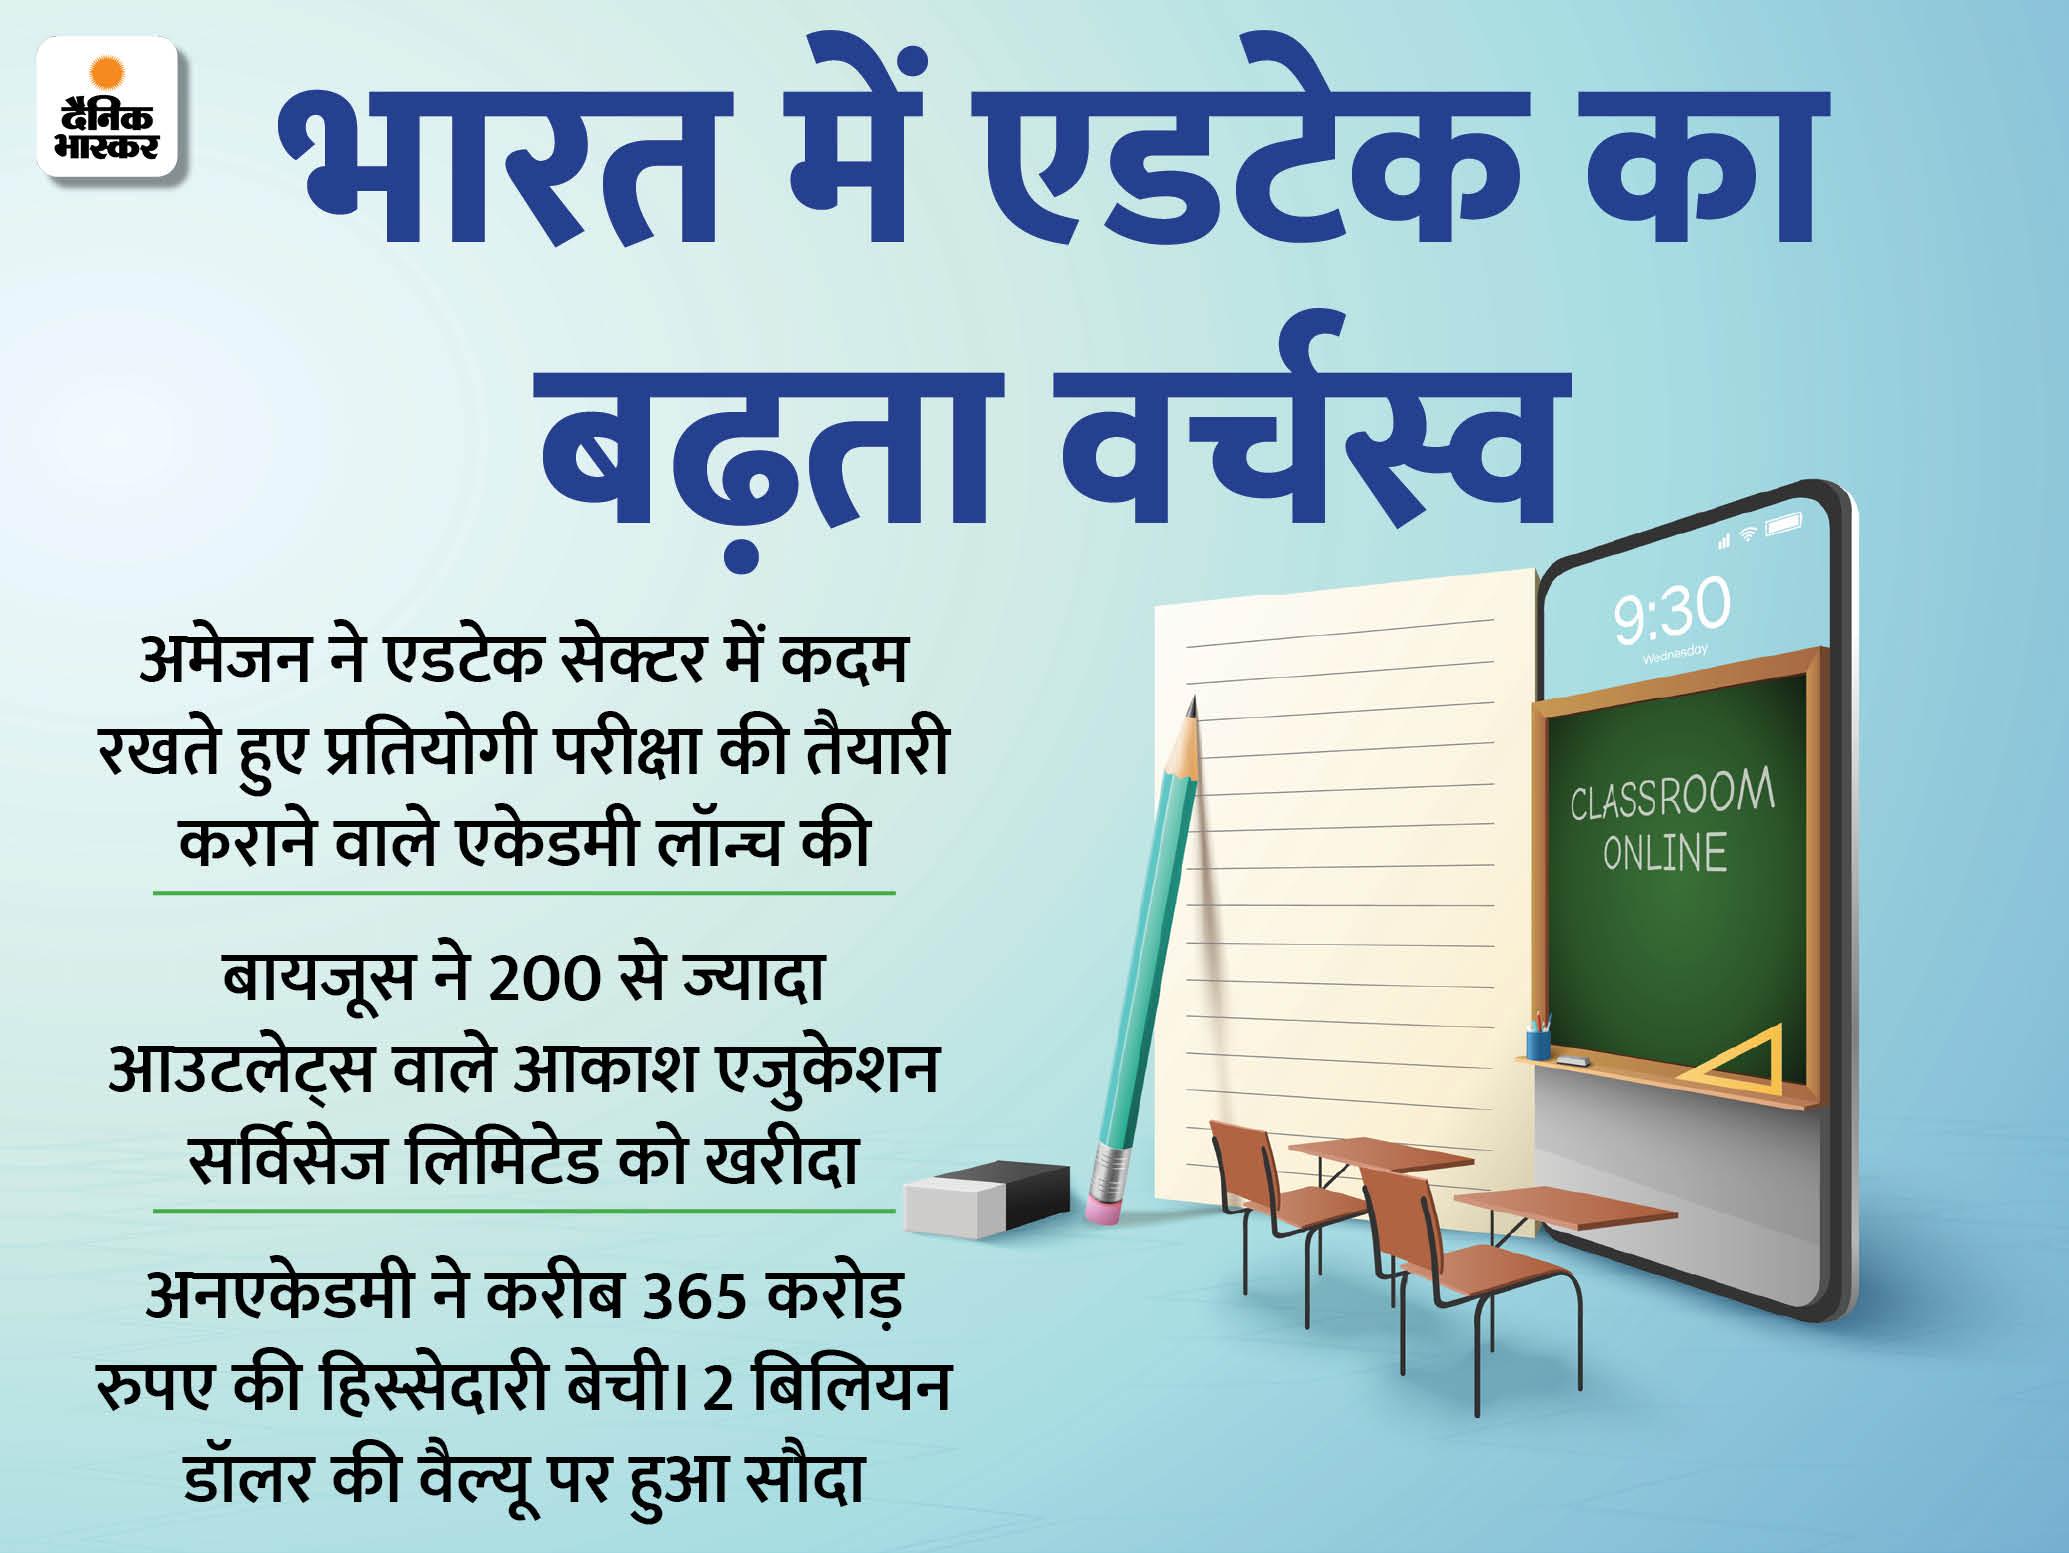 बड़े-बड़े निवेशकों को लुभा रहा है एडटेक सेक्टर, 2020 में मिला 16 हजार करोड़ रुपए का निवेश|बिजनेस,Business - Dainik Bhaskar